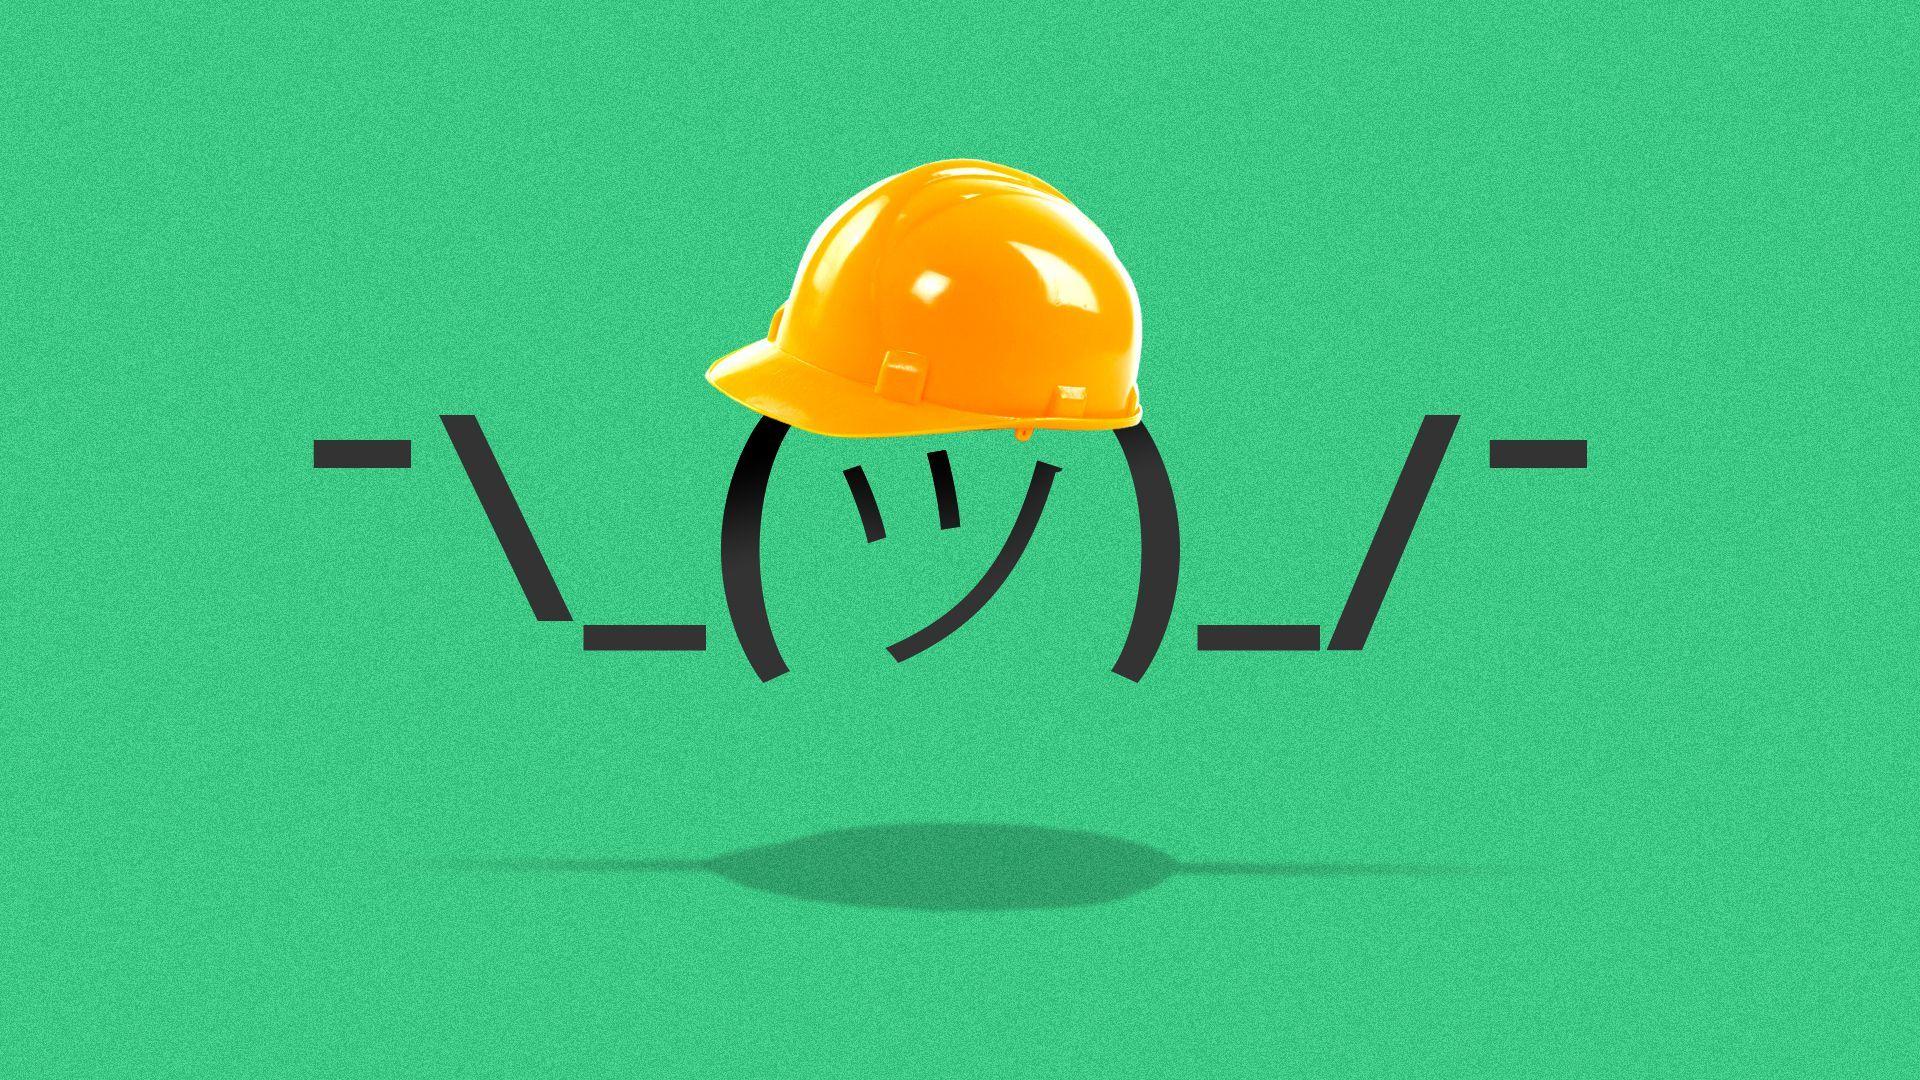 Illustration of a shrugging emoji wearing a hard hat.